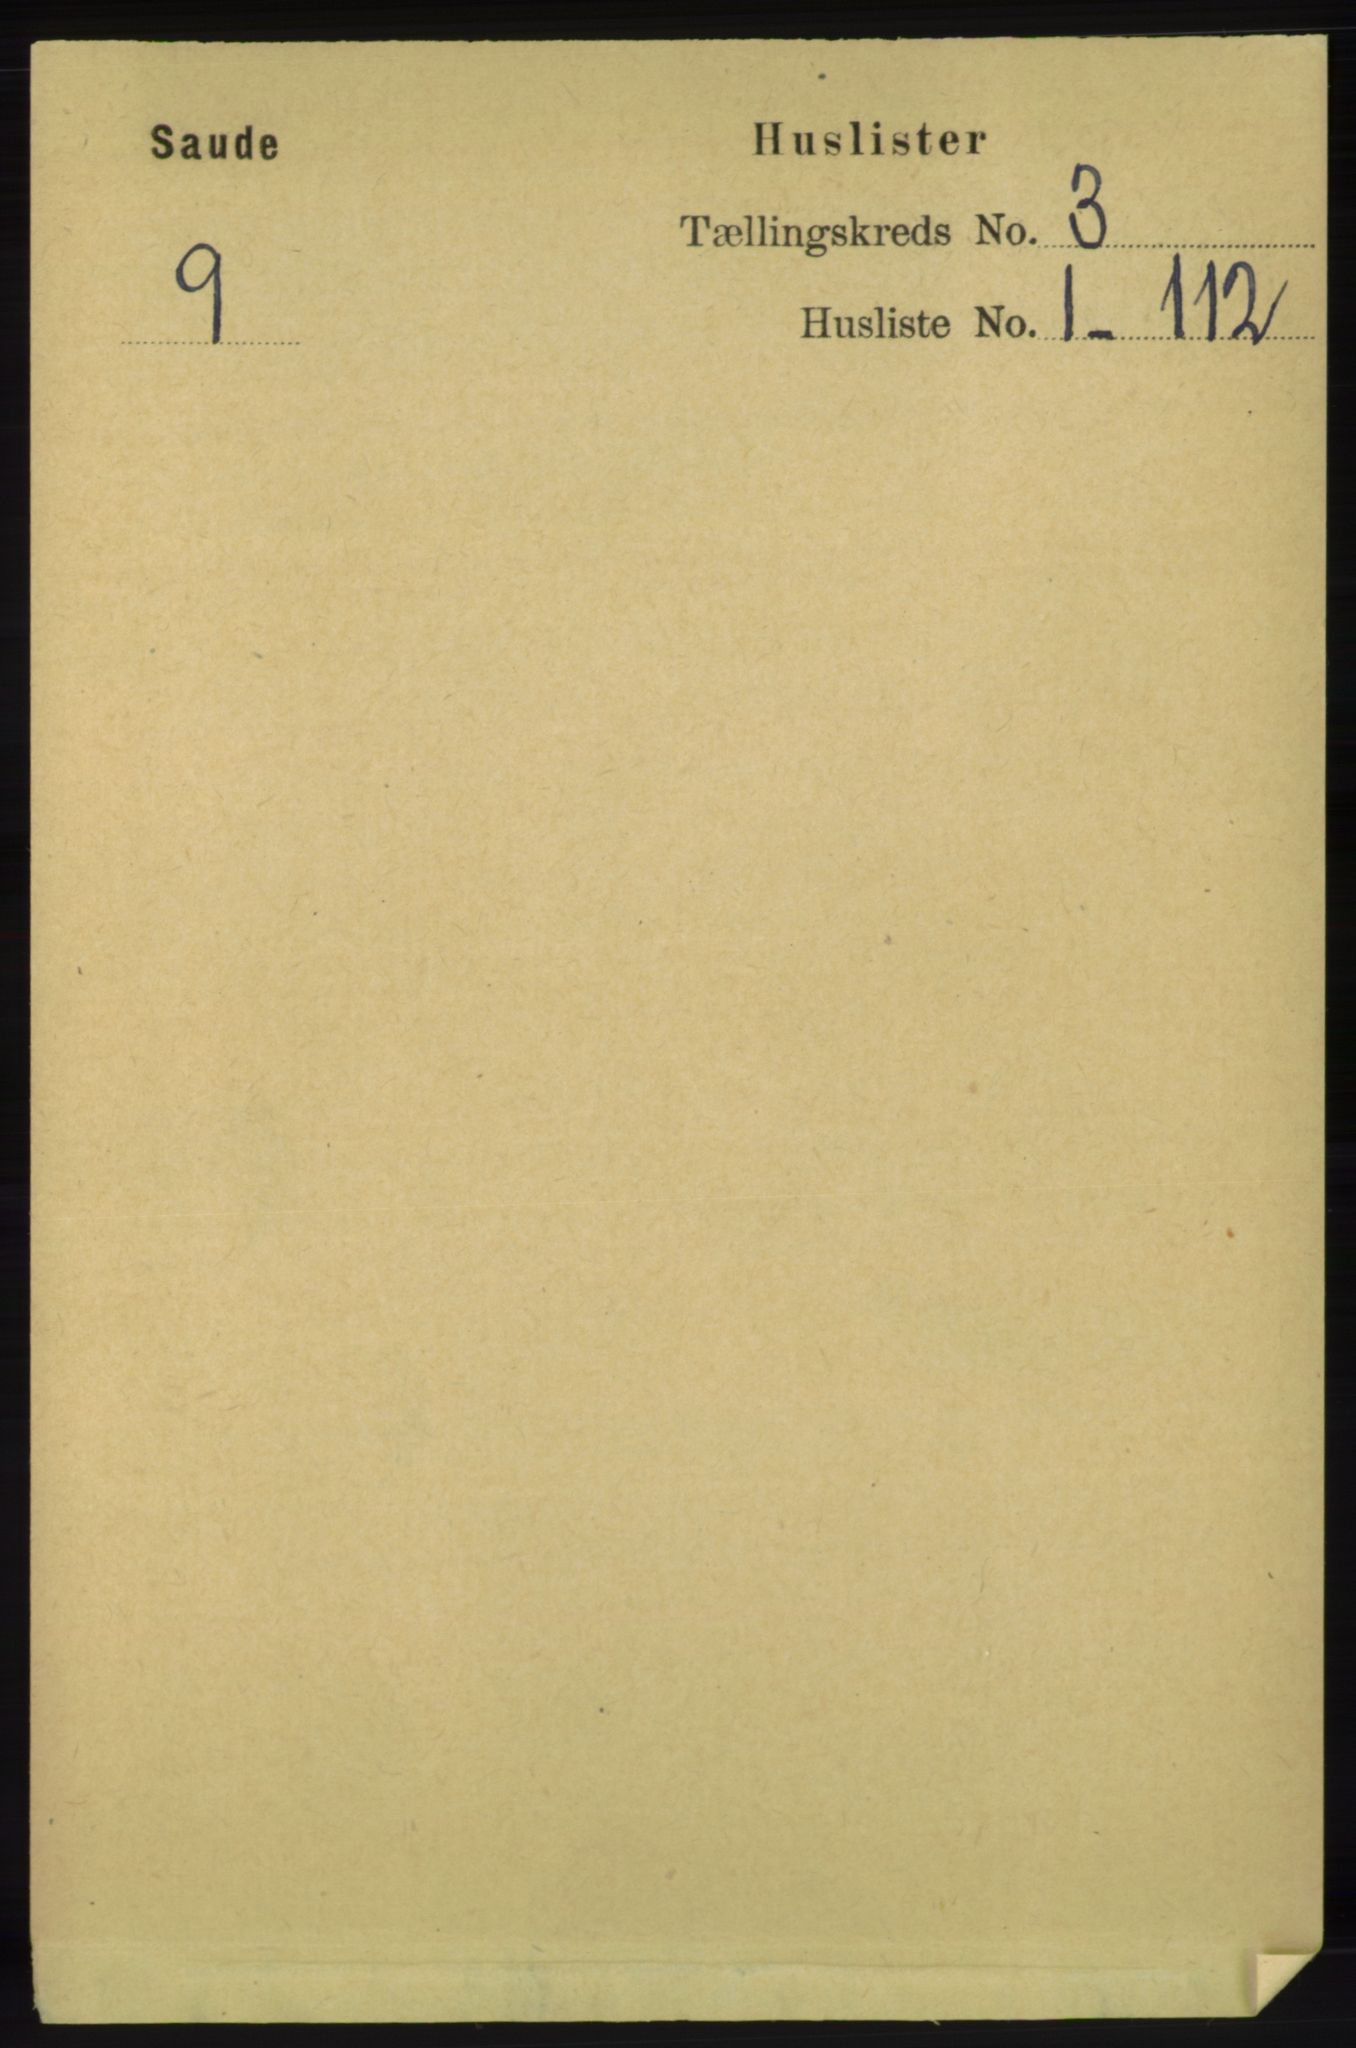 RA, Folketelling 1891 for 1135 Sauda herred, 1891, s. 1148